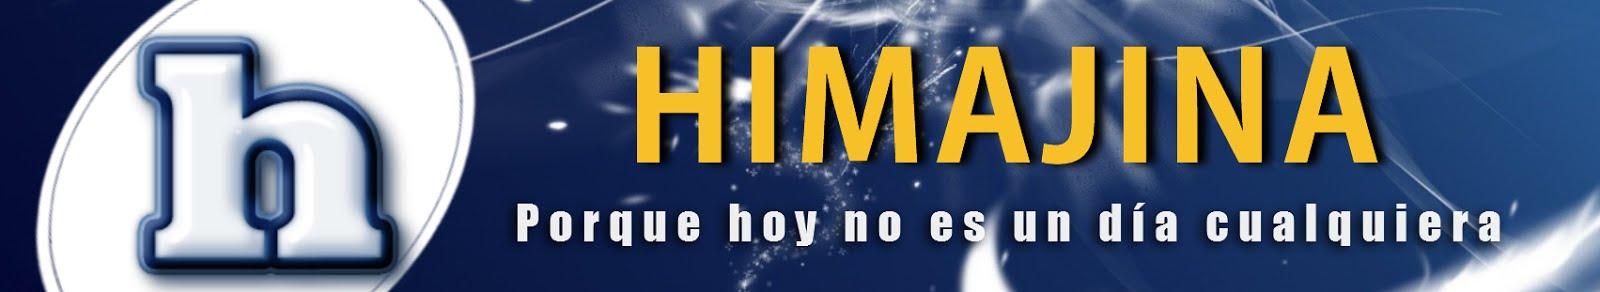 Himajina